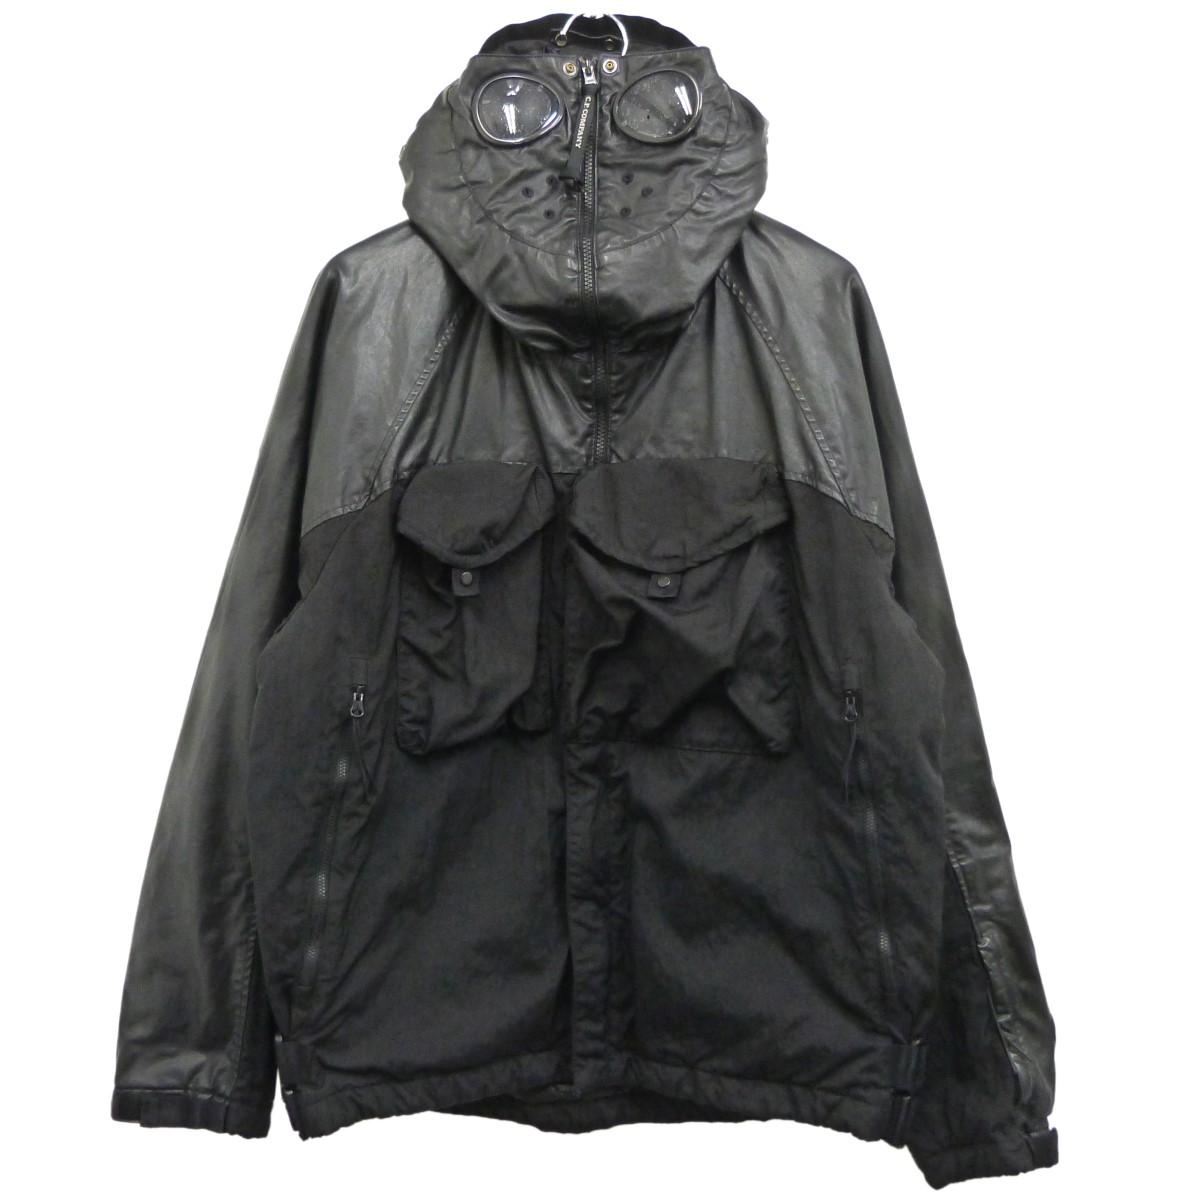 【中古】c.p.company レザー切替ゴーグルジャケット ブラック サイズ:52 【290820】(シーピーカンパニー)